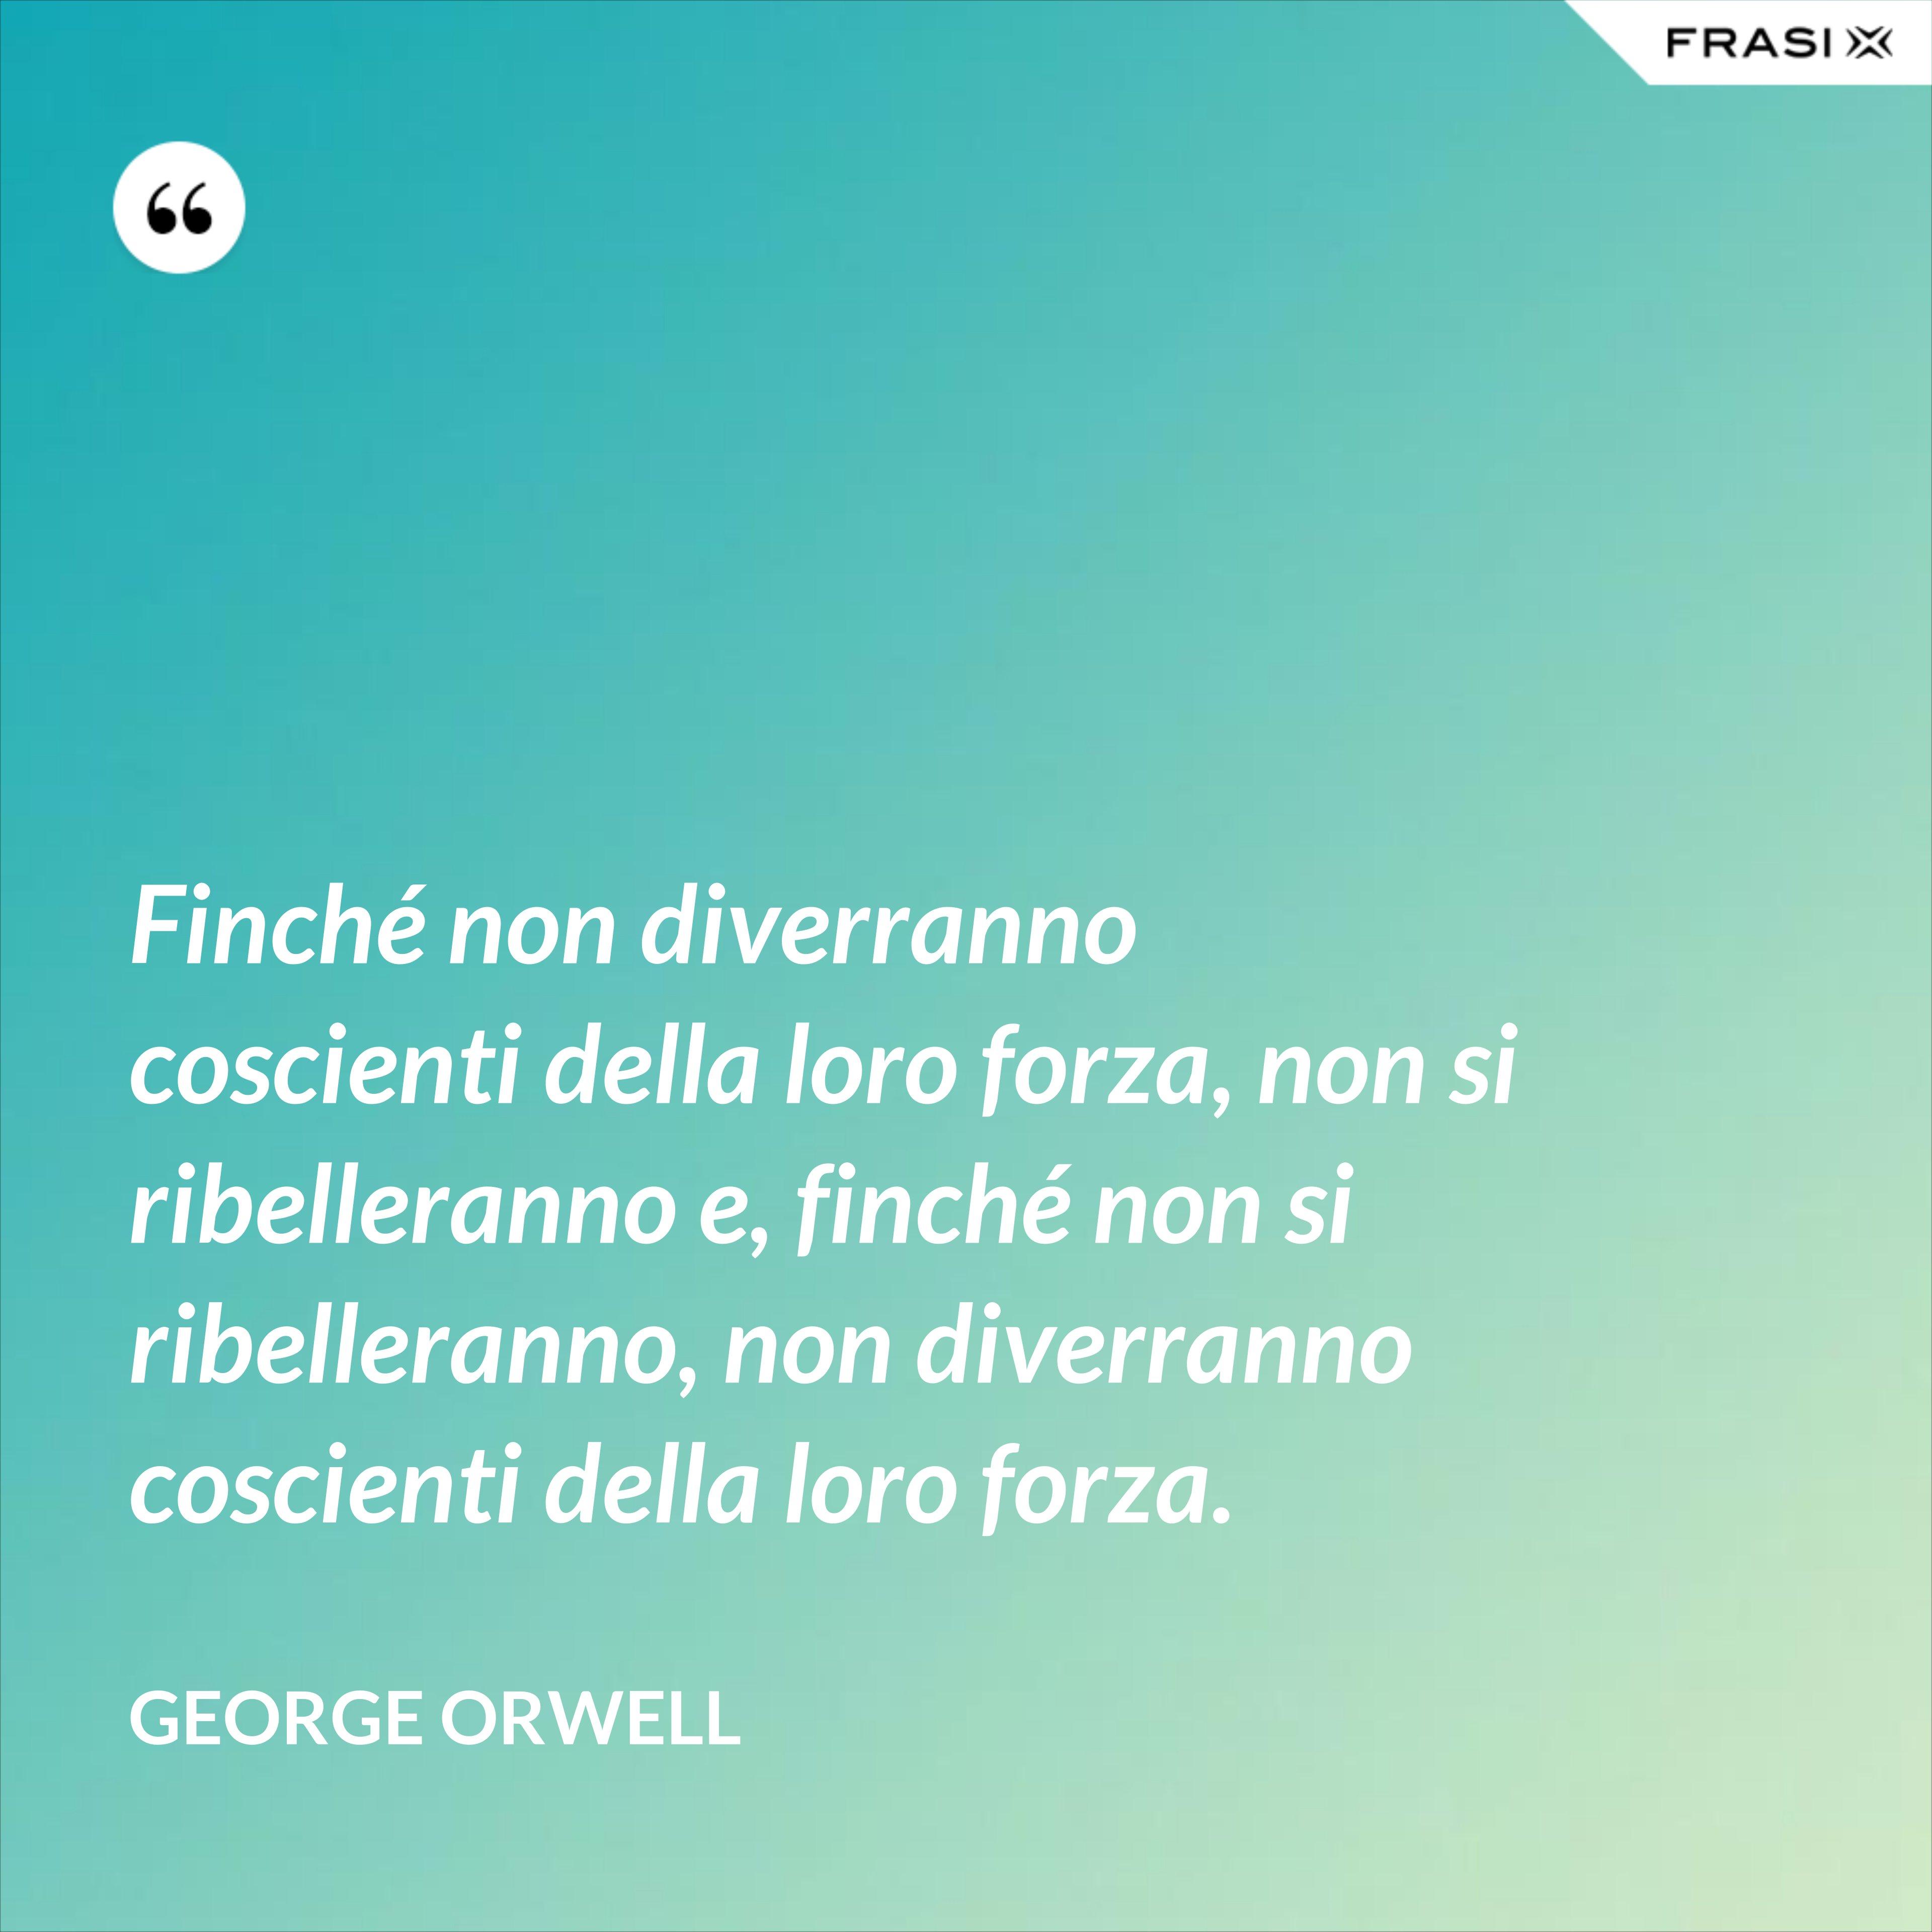 Finché non diverranno coscienti della loro forza, non si ribelleranno e, finché non si ribelleranno, non diverranno coscienti della loro forza. - George Orwell